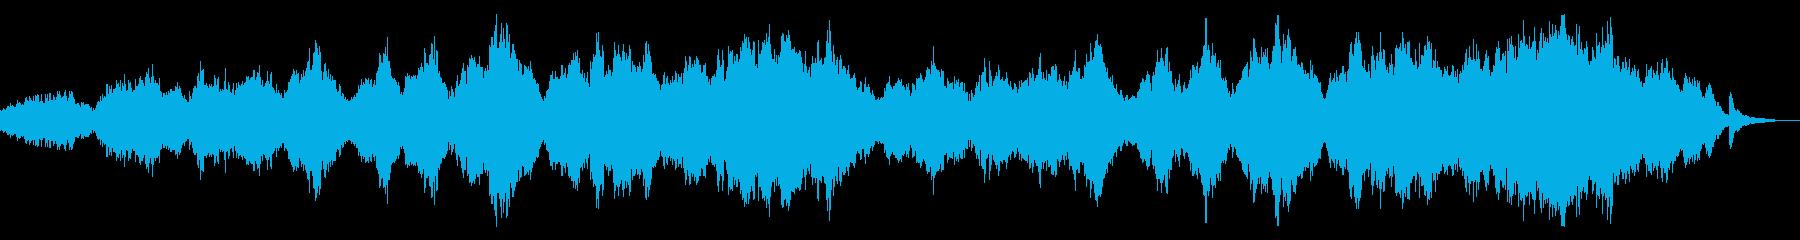 パンの笛とピアノでグノーのアヴェマリアの再生済みの波形